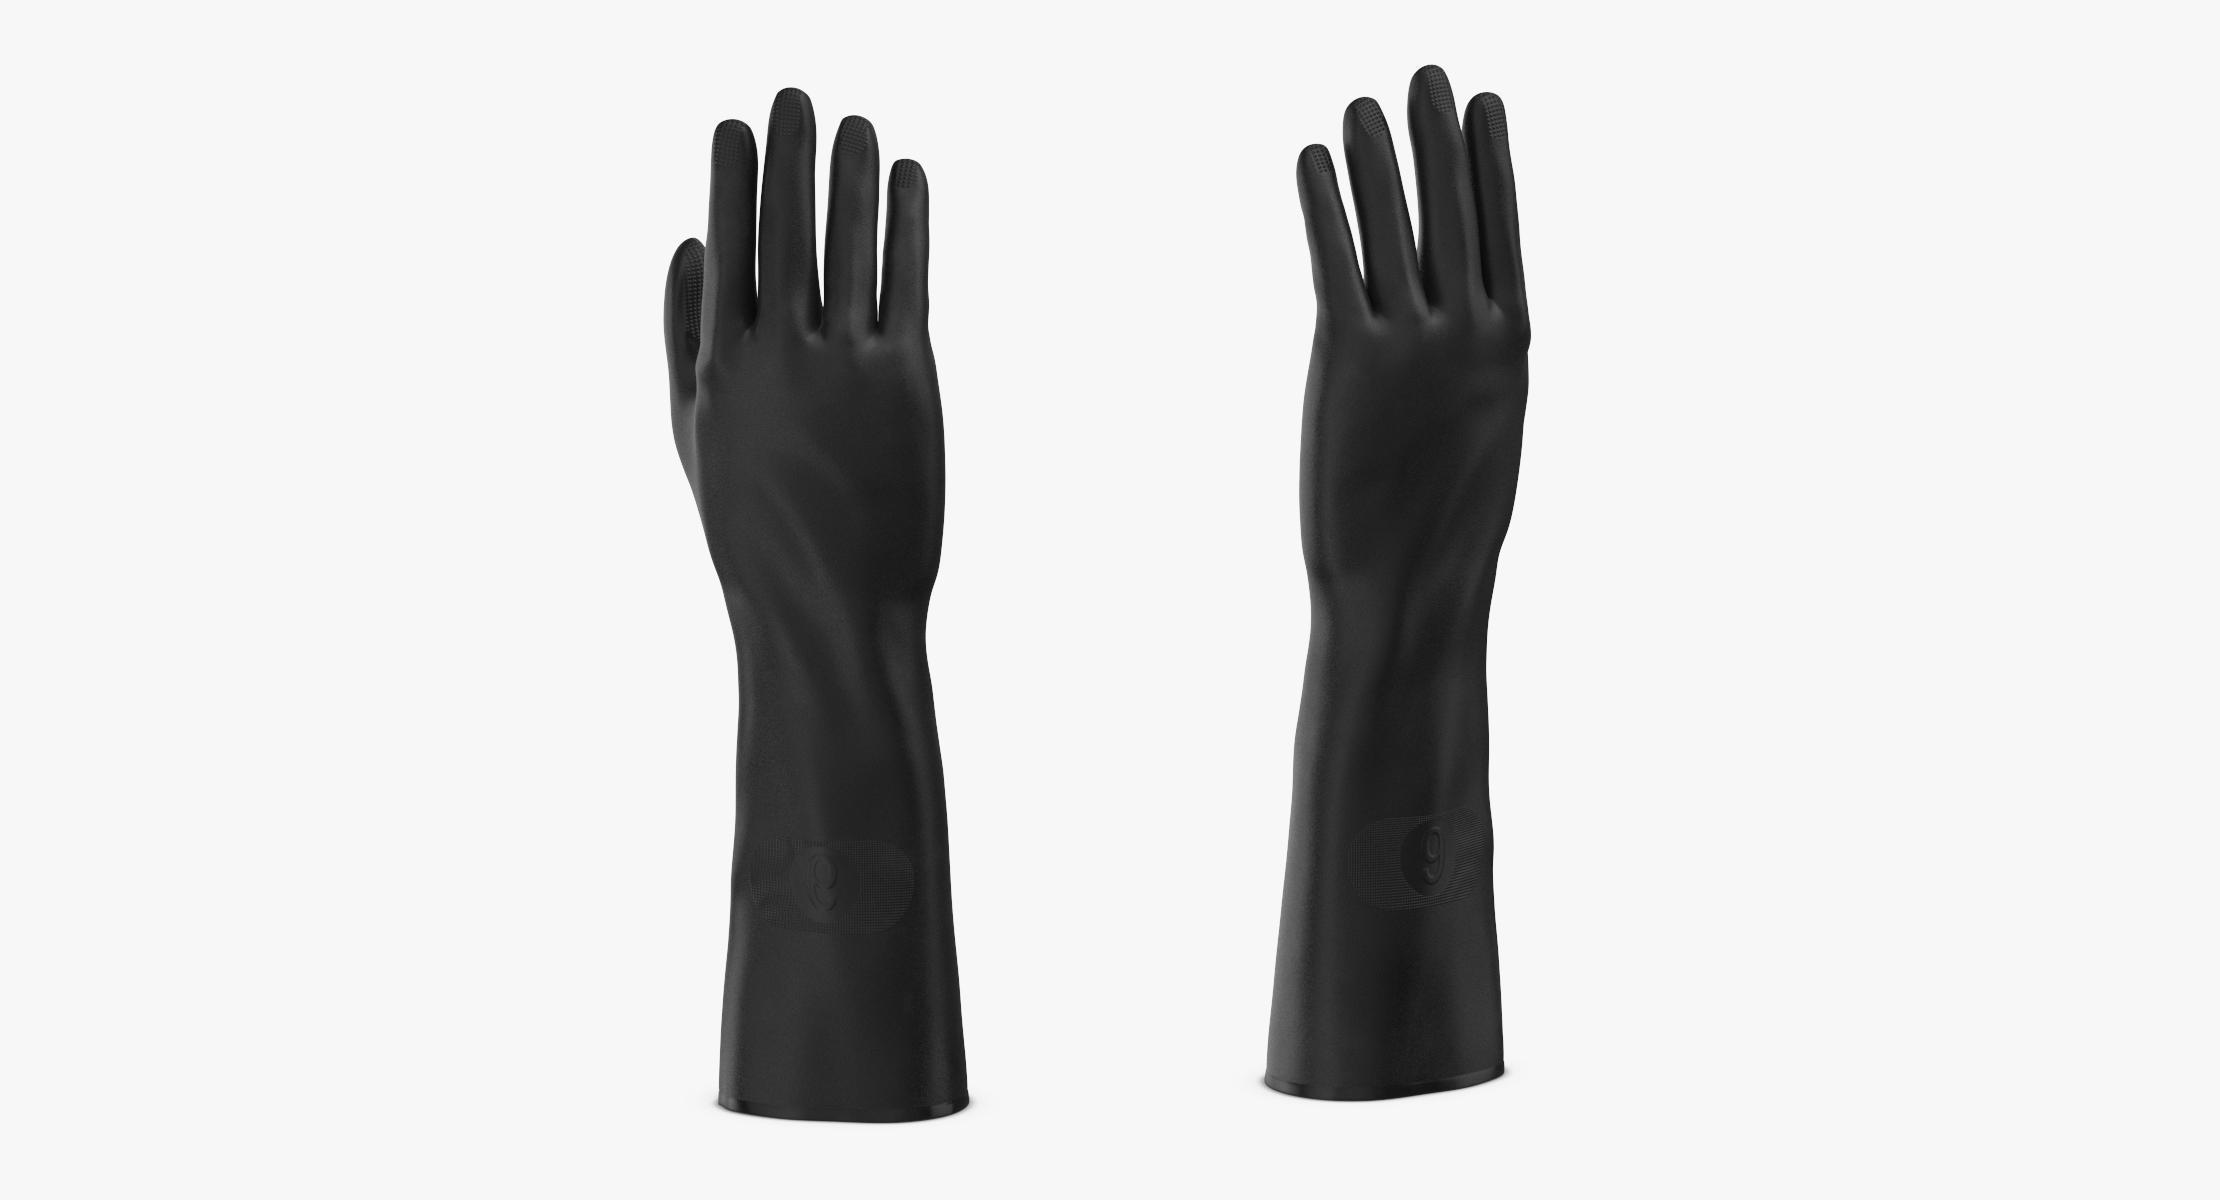 Large Black Rubber Lab Gloves Worn - reel 1